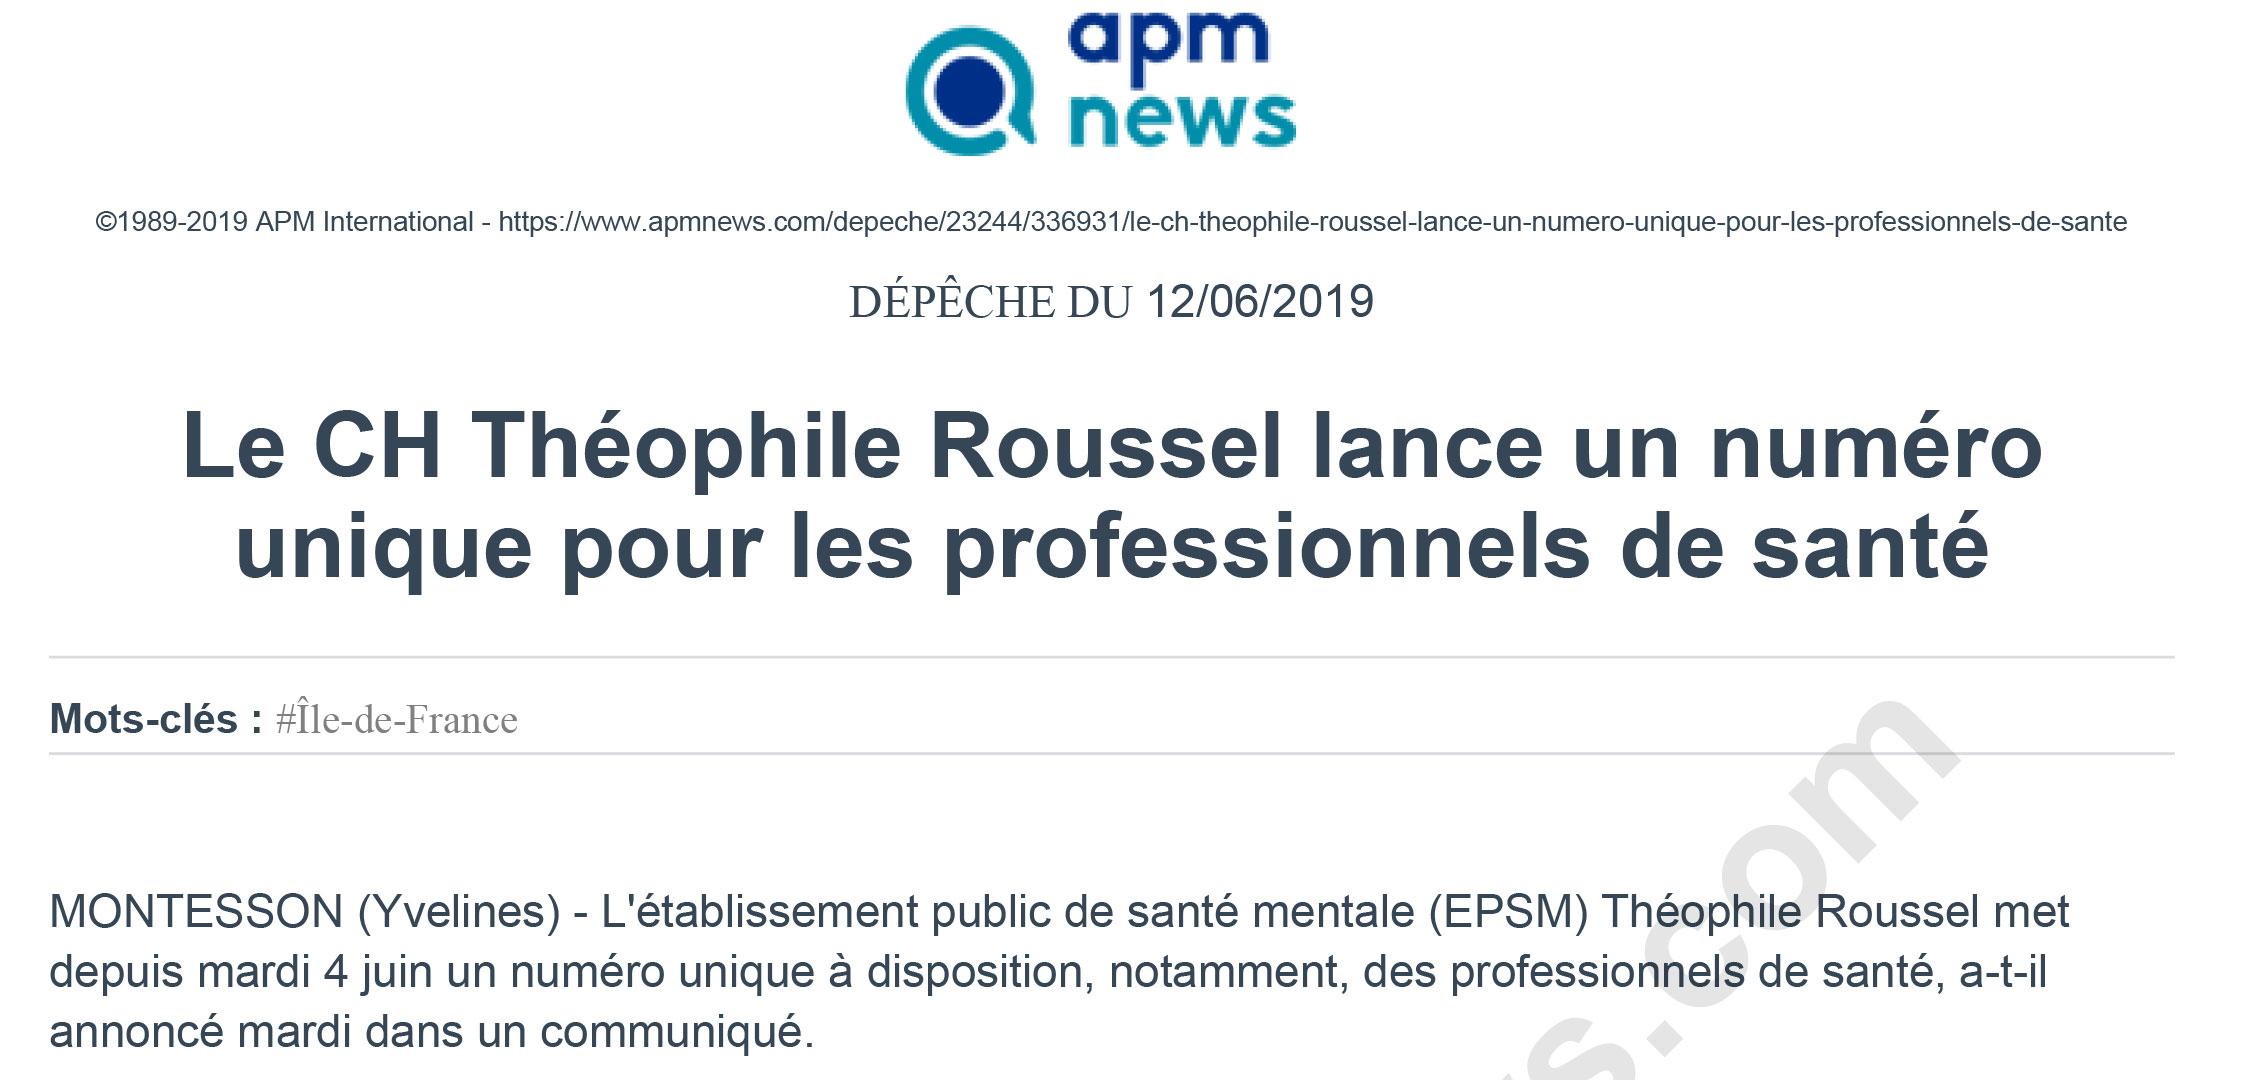 Le CH Théophile Roussel lance un numéro unique pour les professionnels de santé